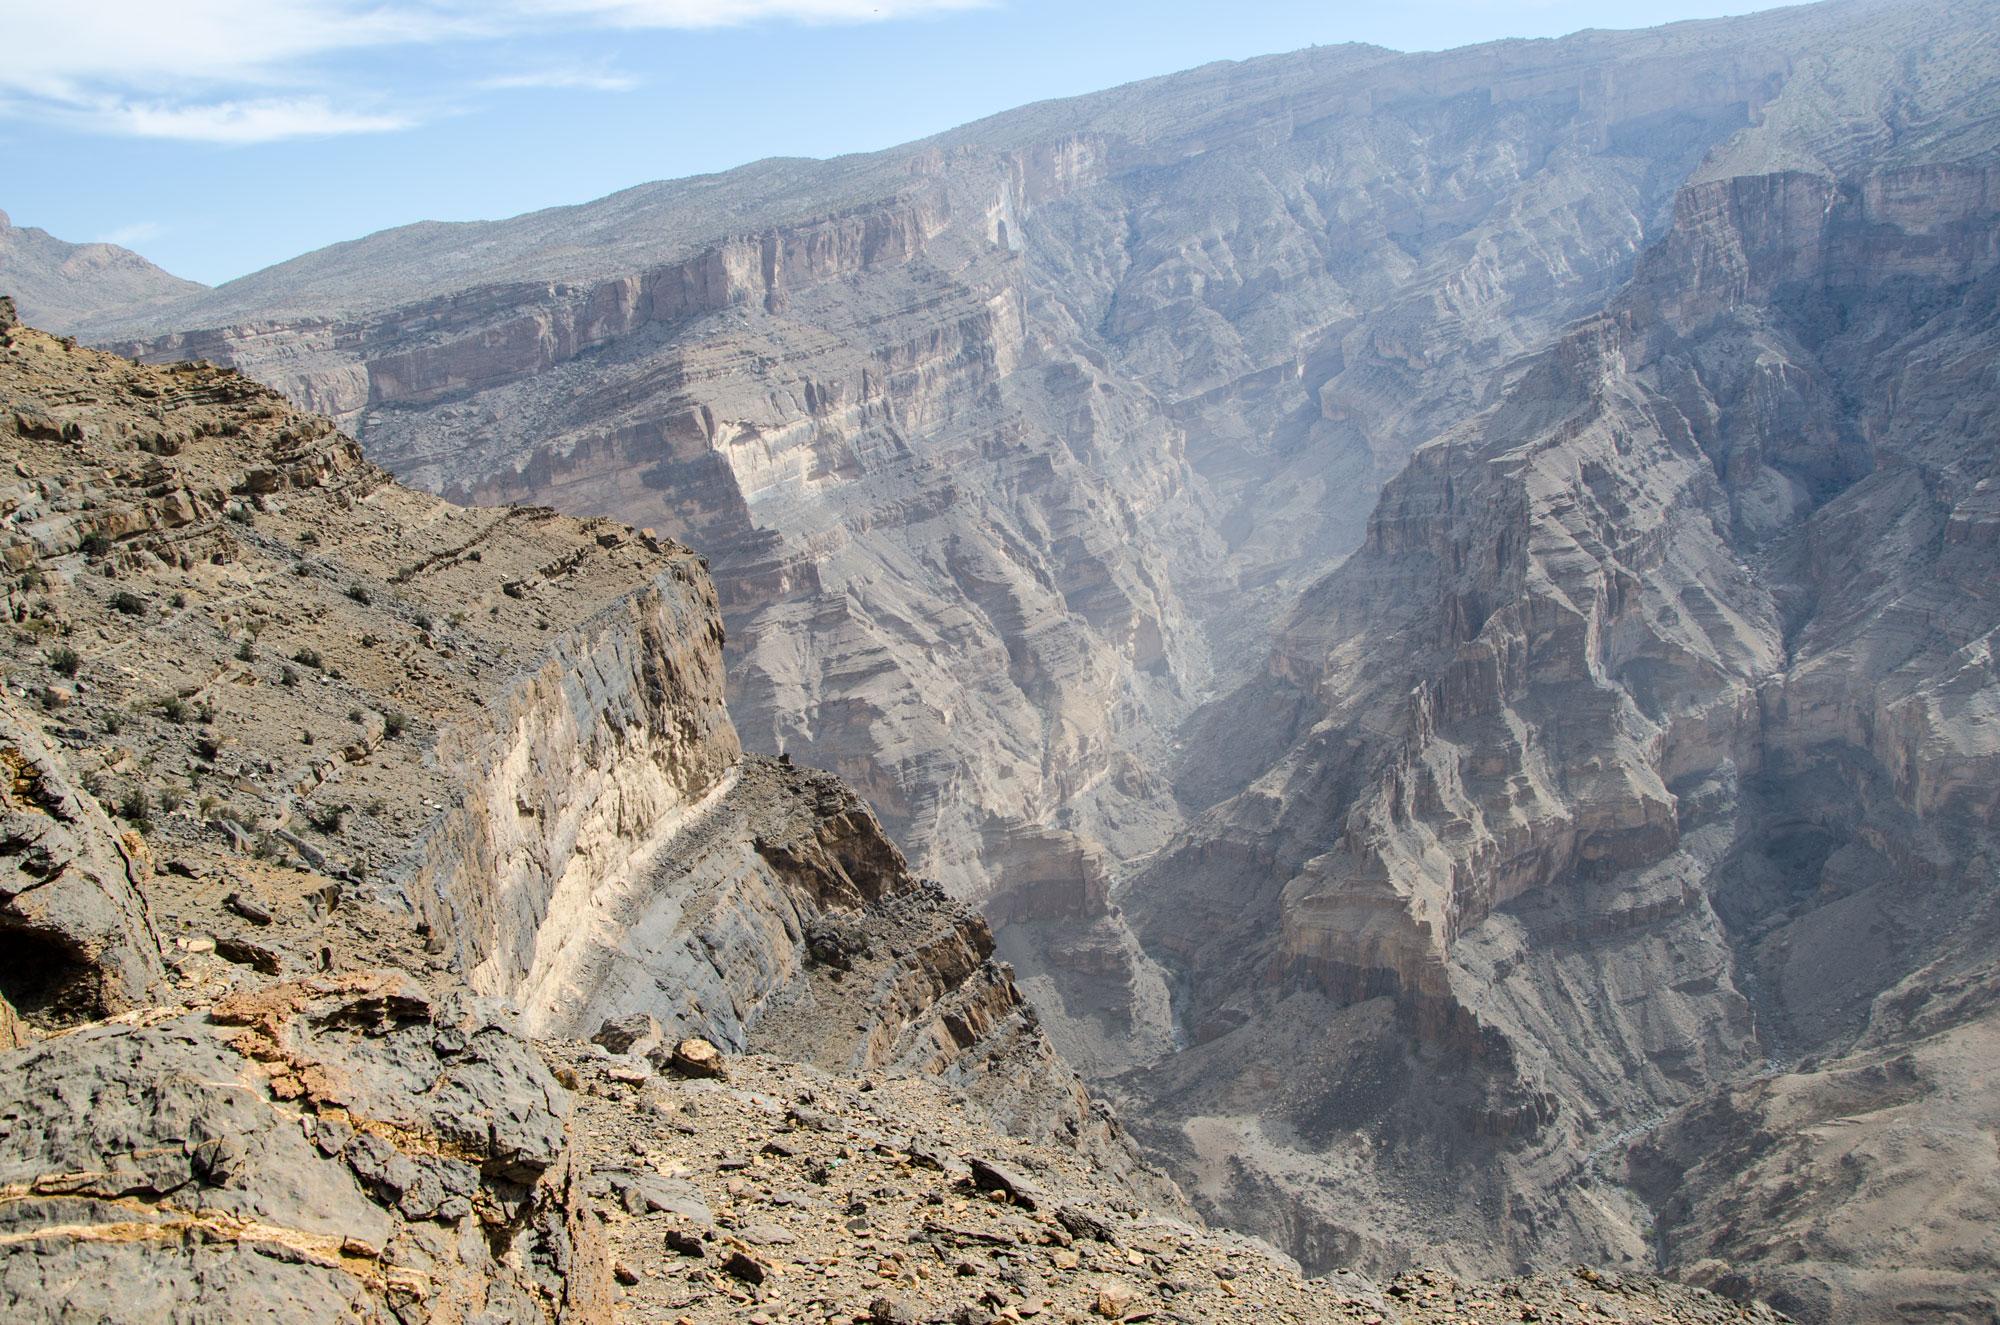 """Das Gipfelplateau des Jebel Shams mit seinen bis zu 1000 Meter abfallenden Wänden wird hier auch """"Grand Canyon"""" genannt. Foto: Lothar Ruttner"""